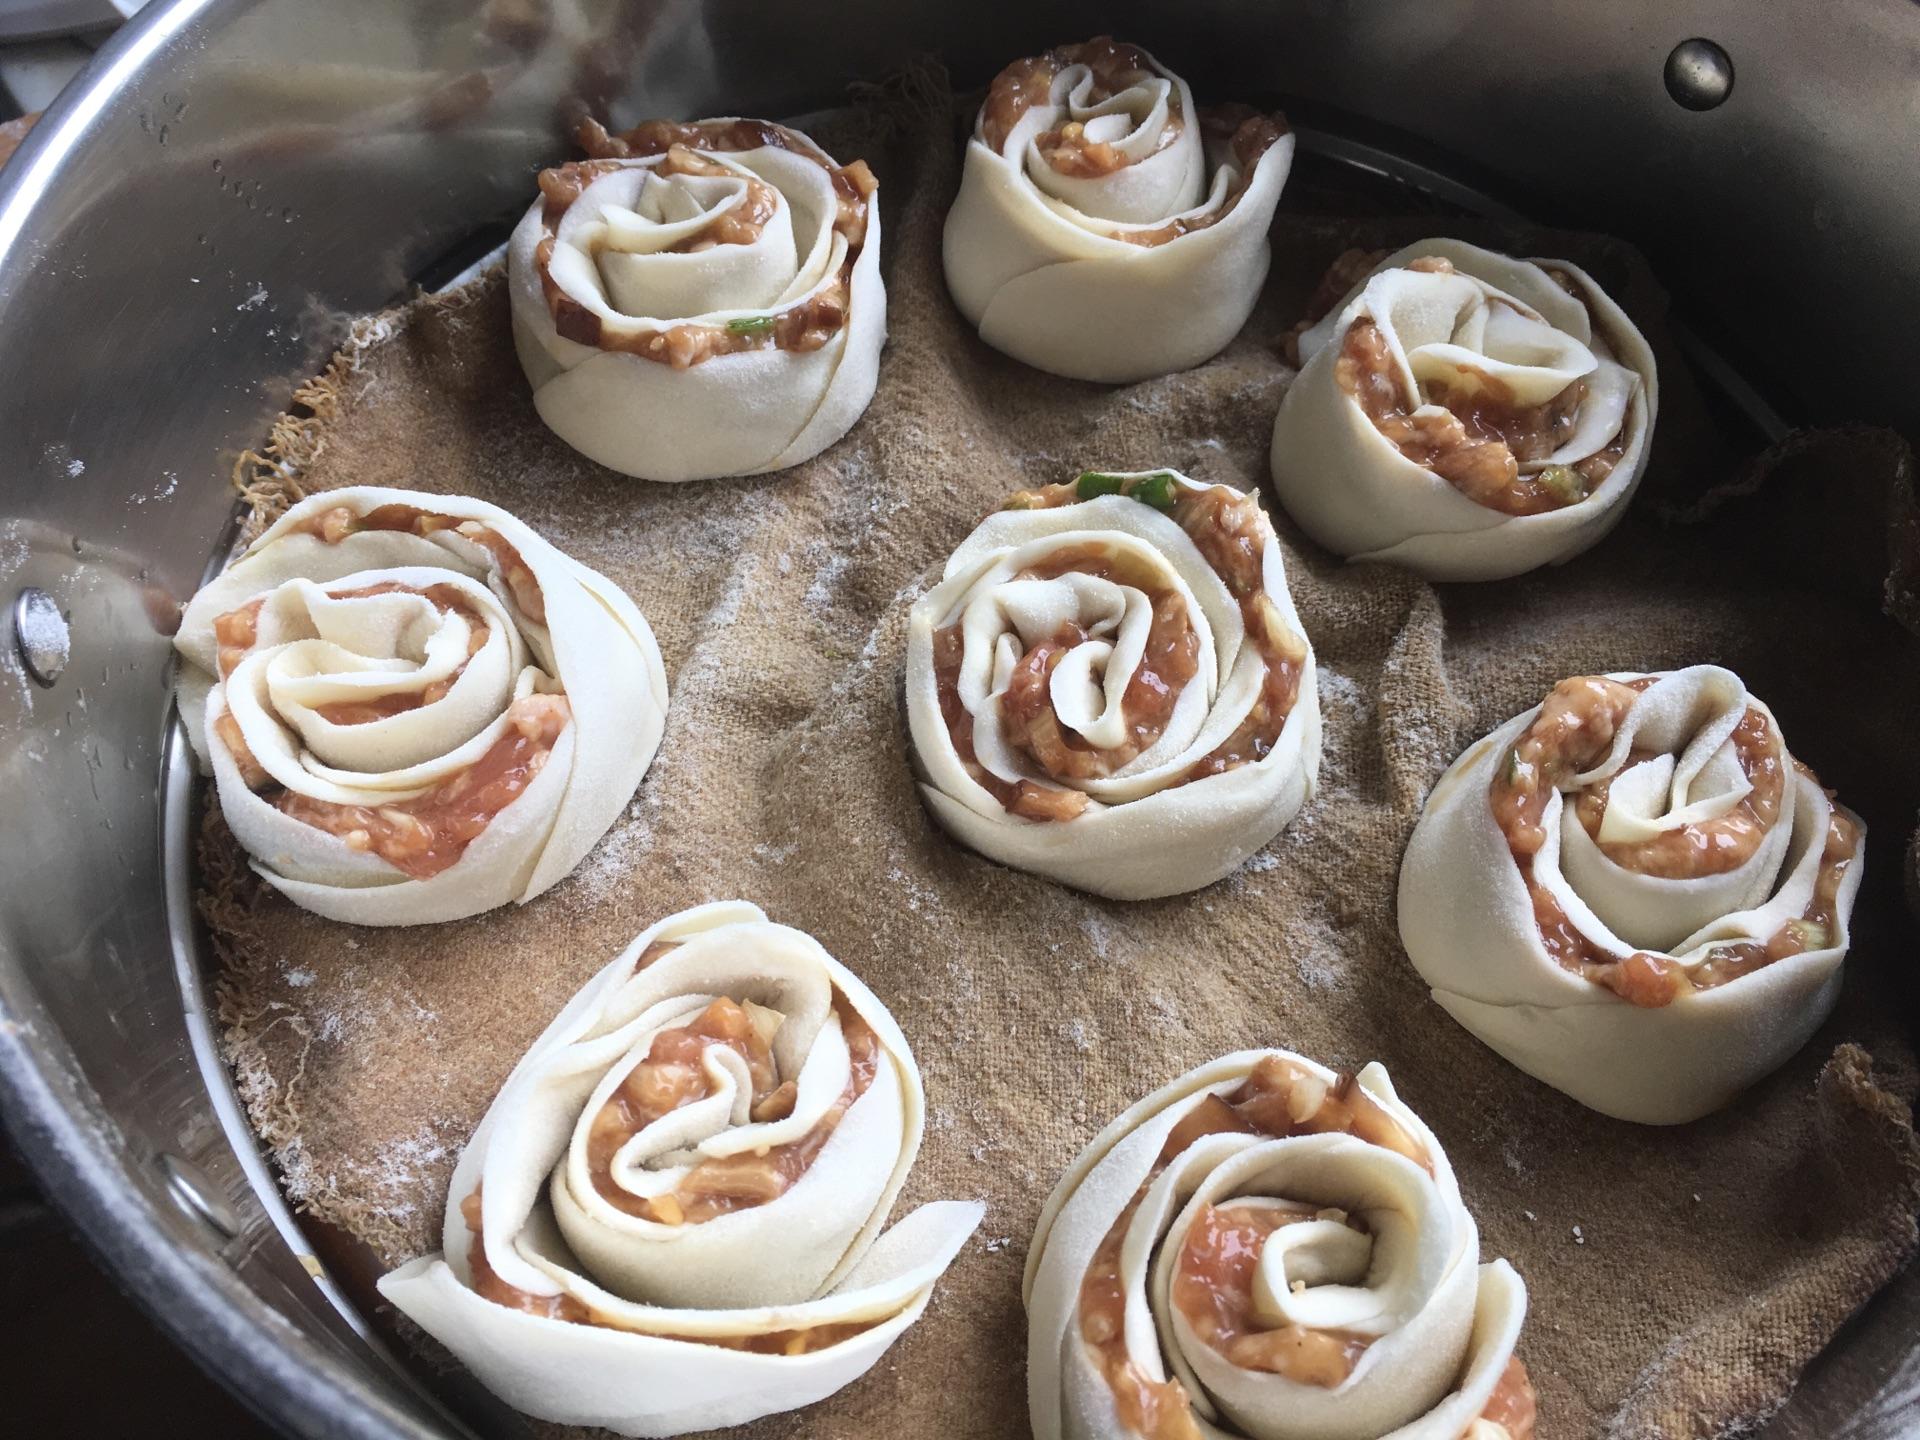 玫瑰花饺子#太太乐鲜鸡汁中式#的做法图解12